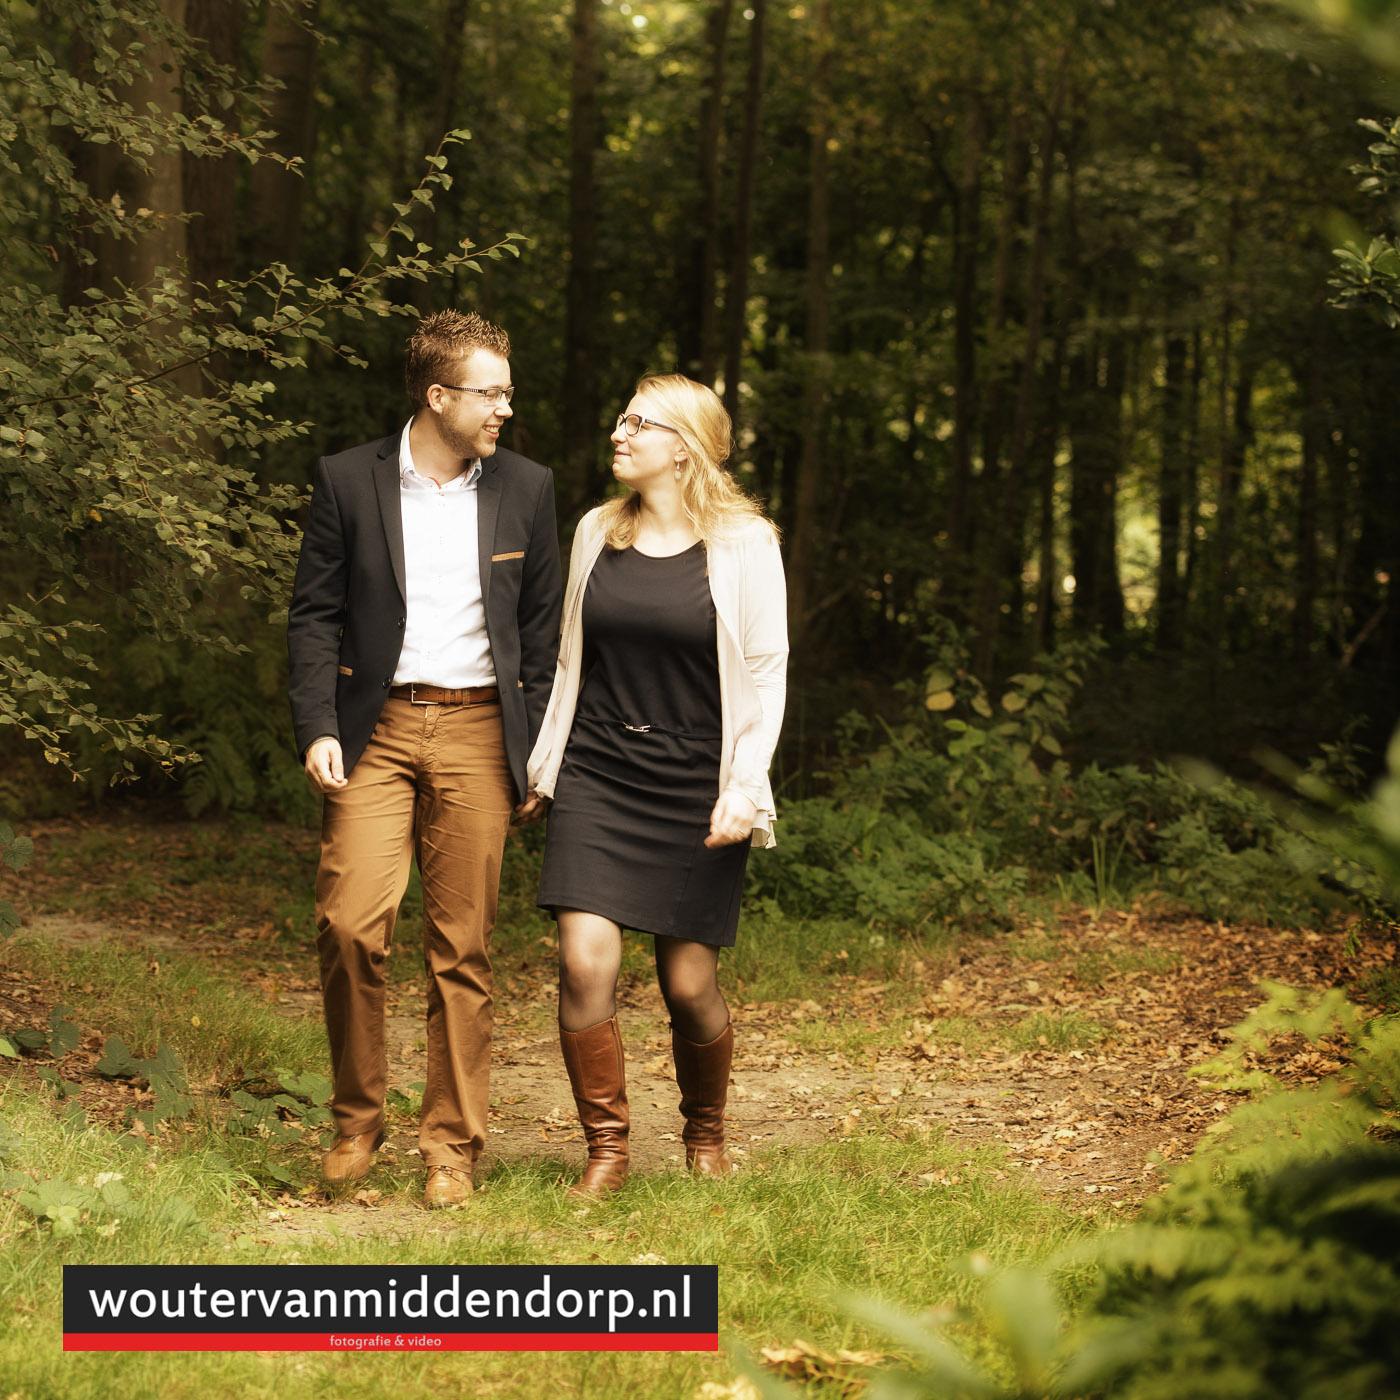 bruidsfotograaf-wouter-van-middendorp-uddel-13